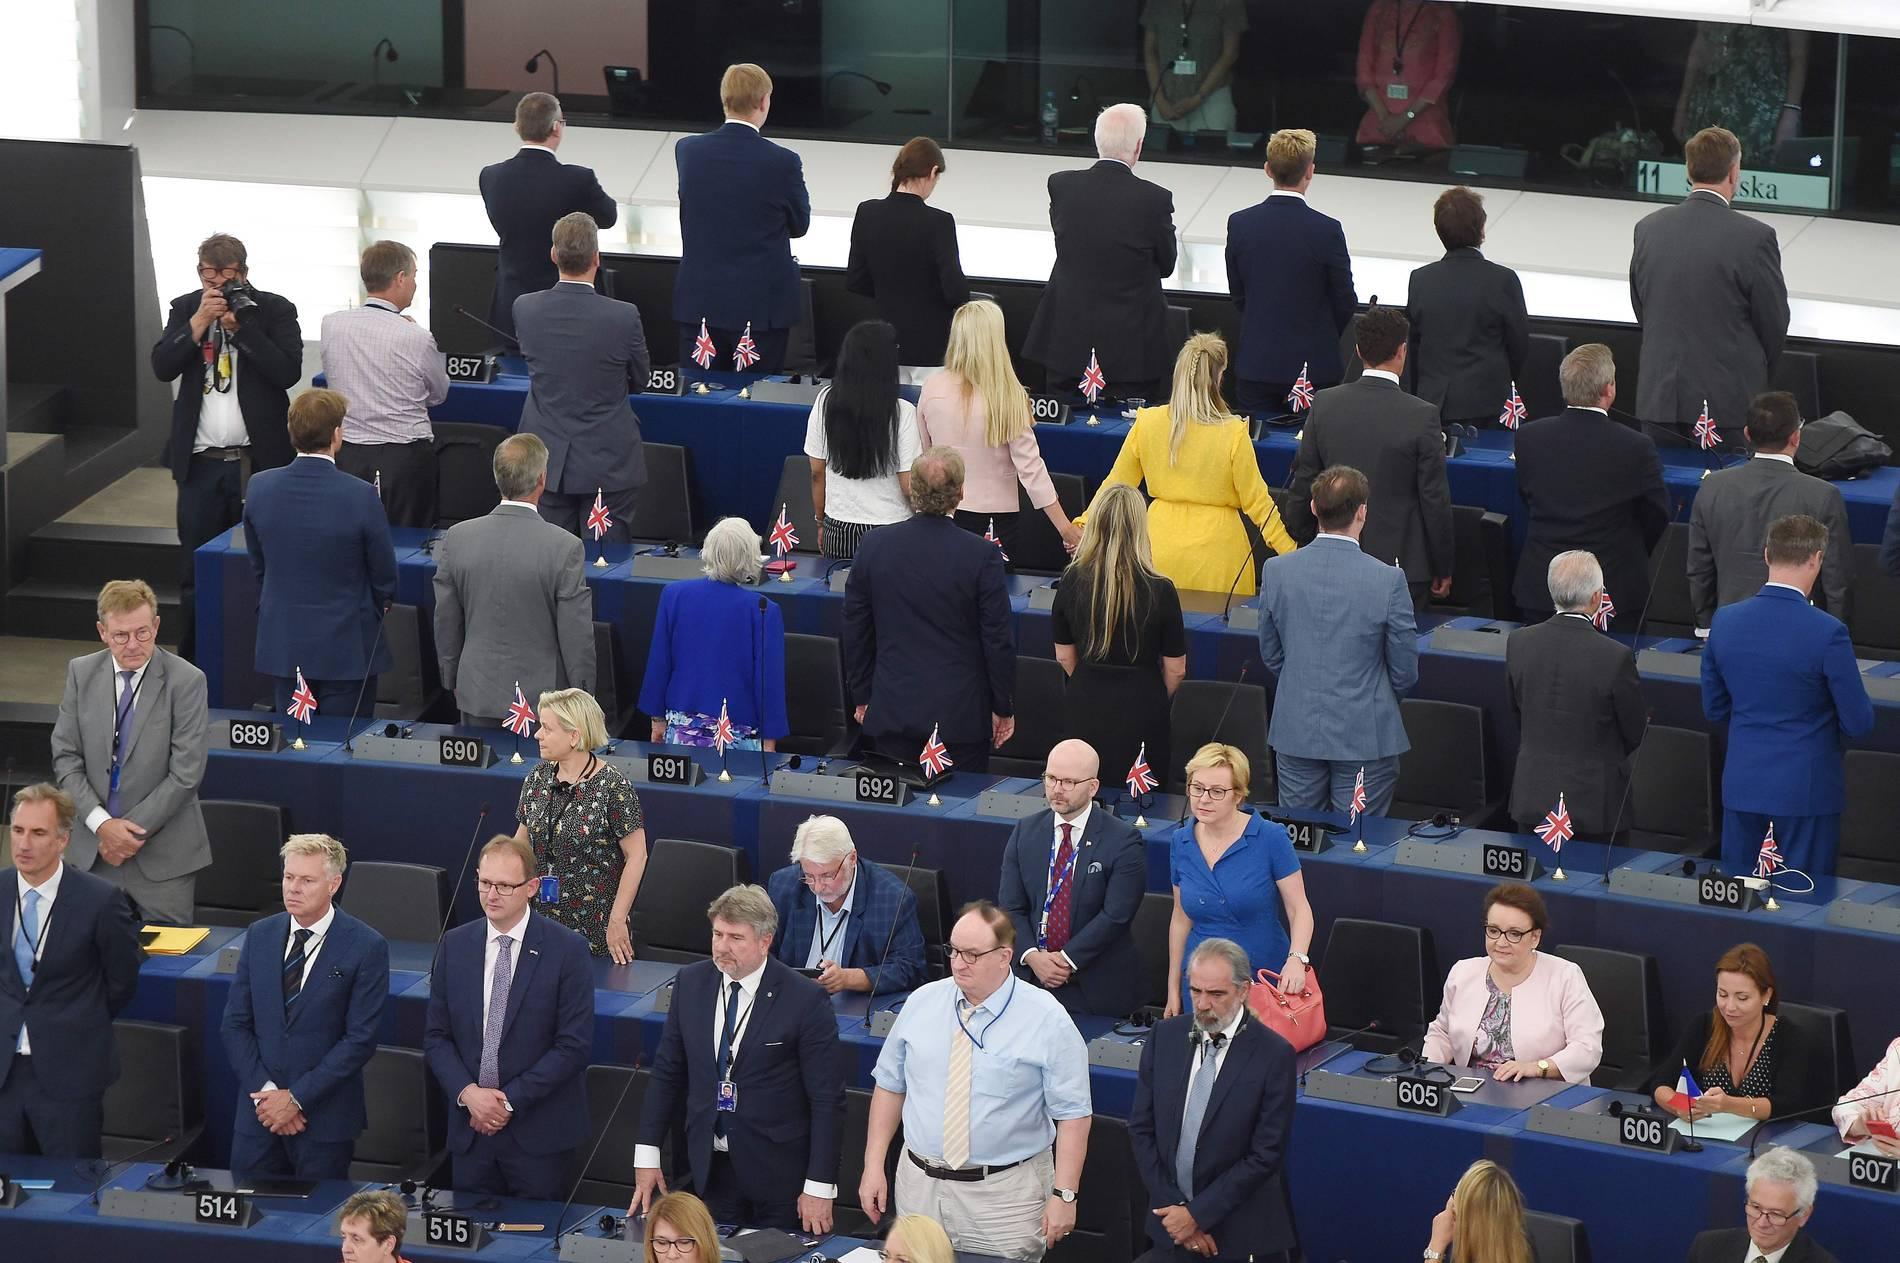 Europäisches Parlament - EU-Gegner provozieren in Straßburg